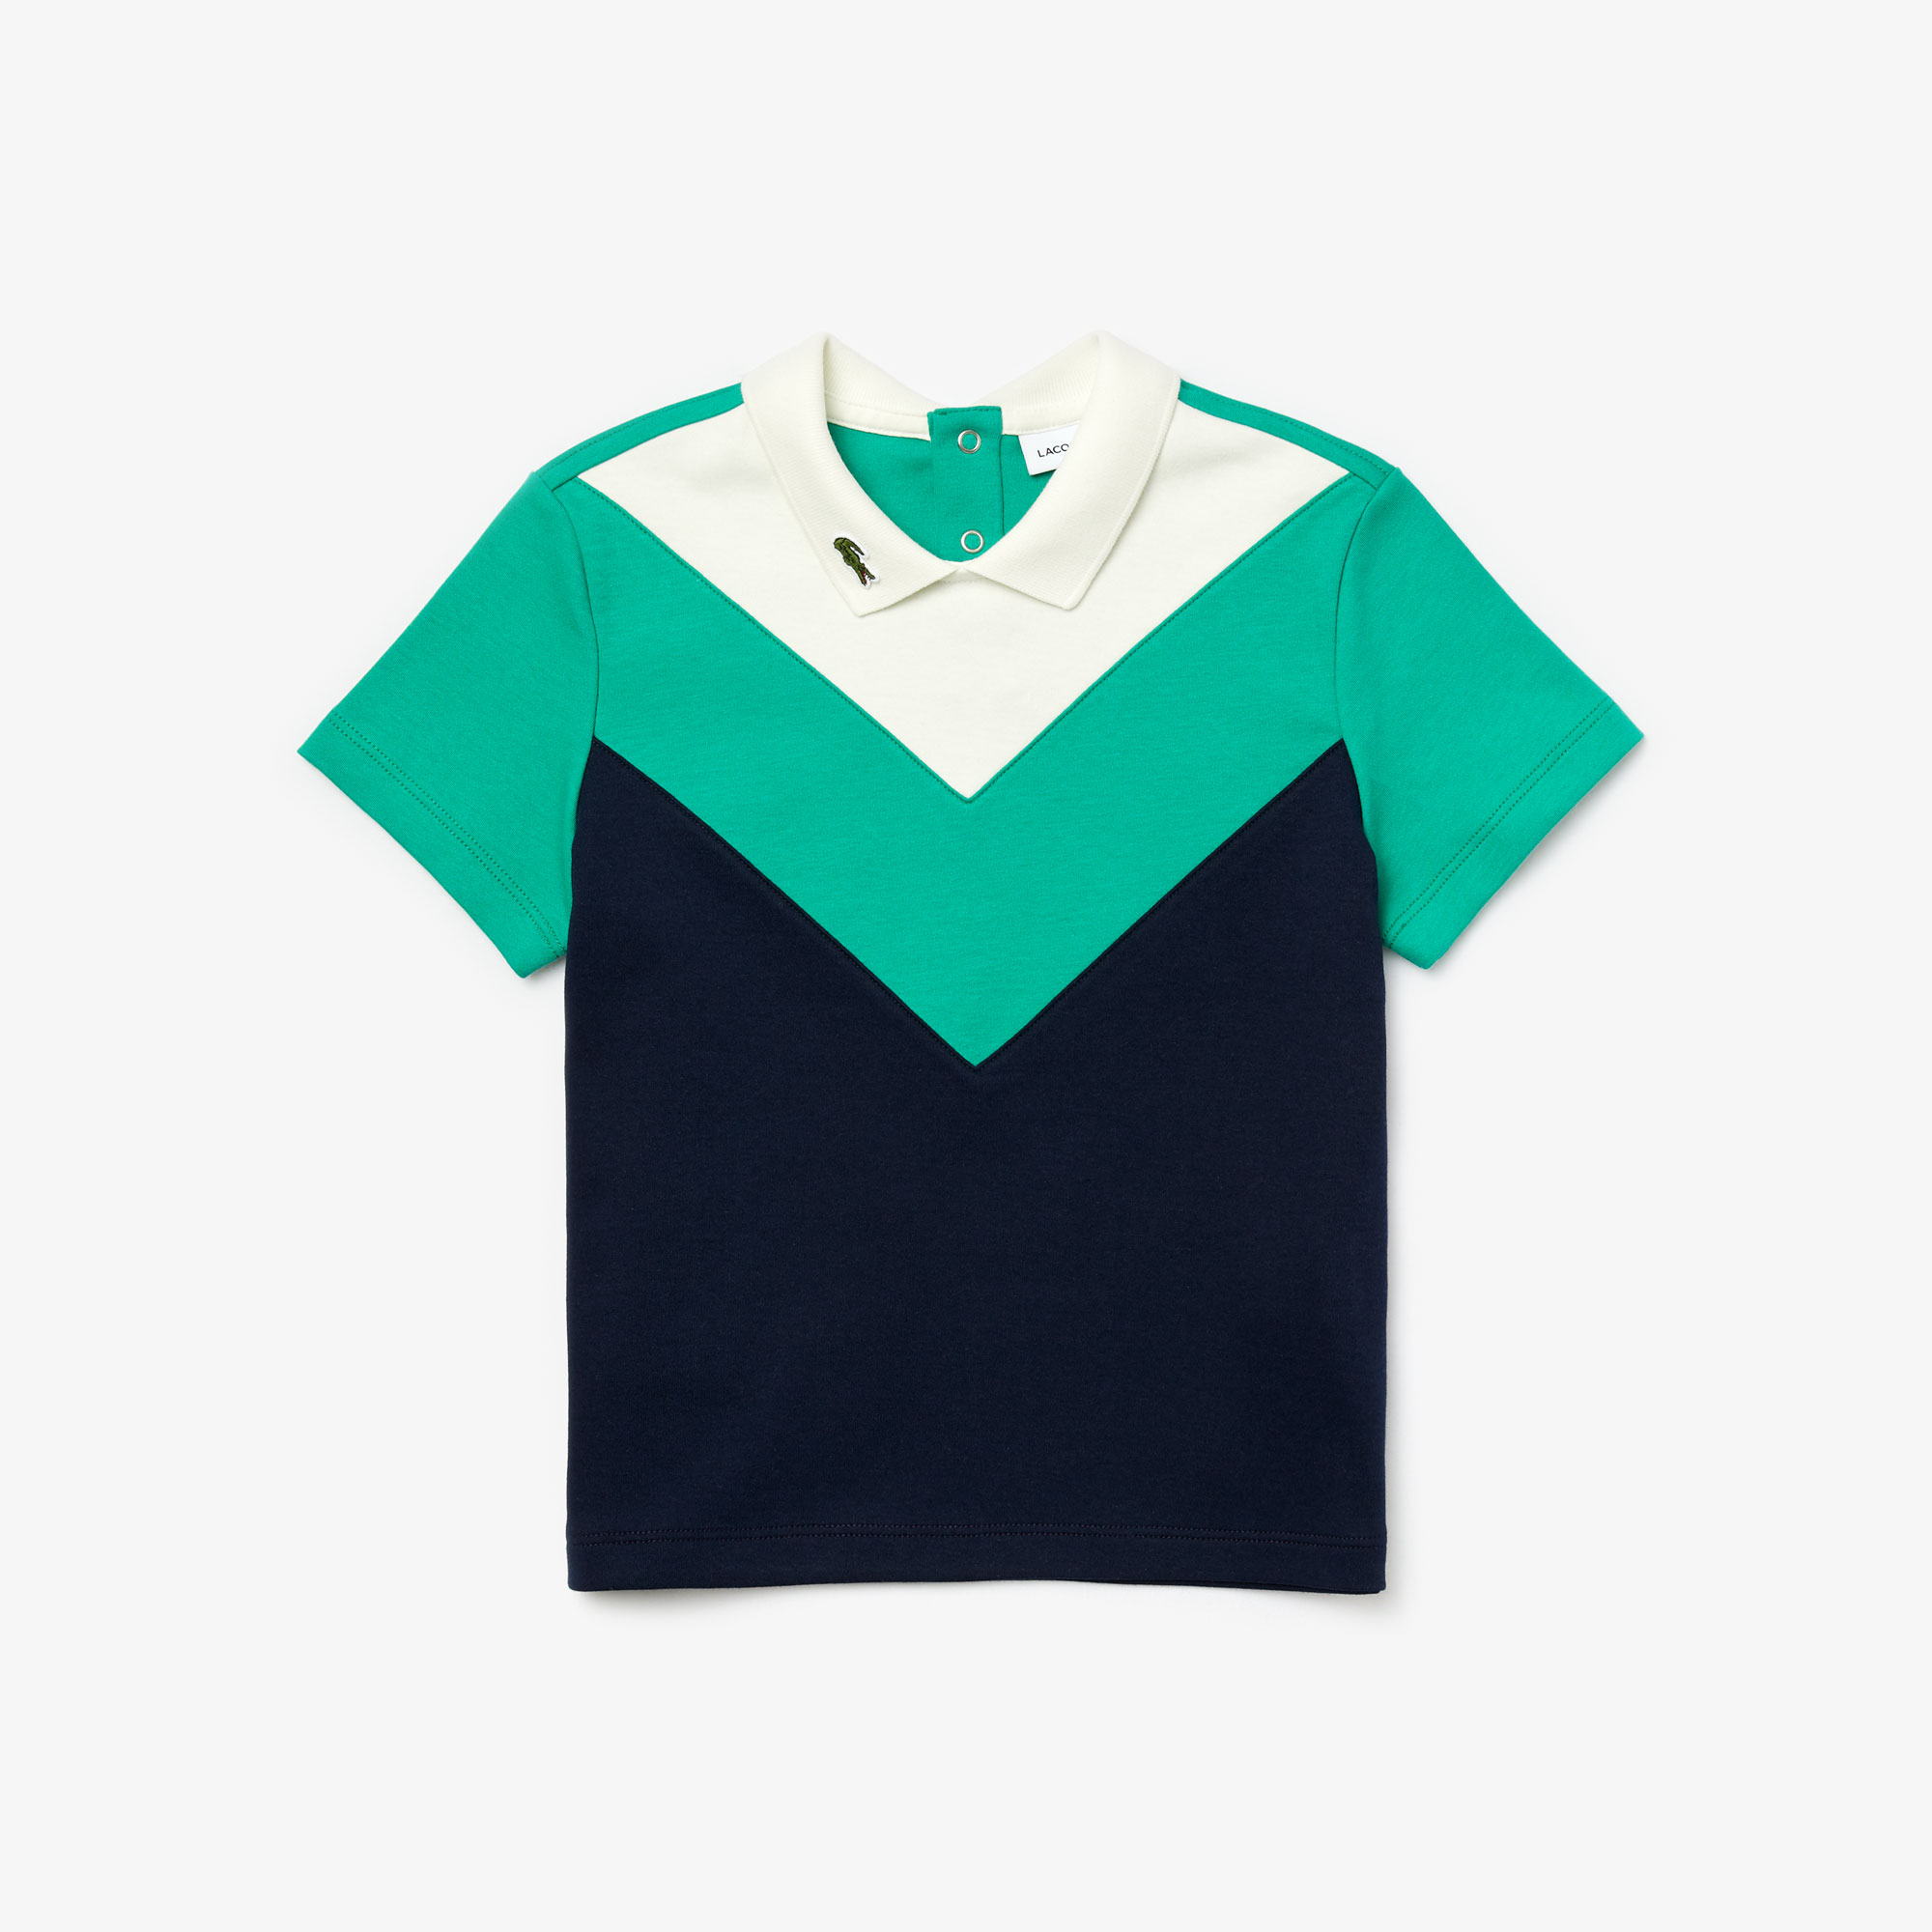 라코스테 걸즈 폴로 셔츠 Girls Lacoste Reverse Collar Colourblock Cotton Polo Shirt,White / Green / Navy Blue • EG4